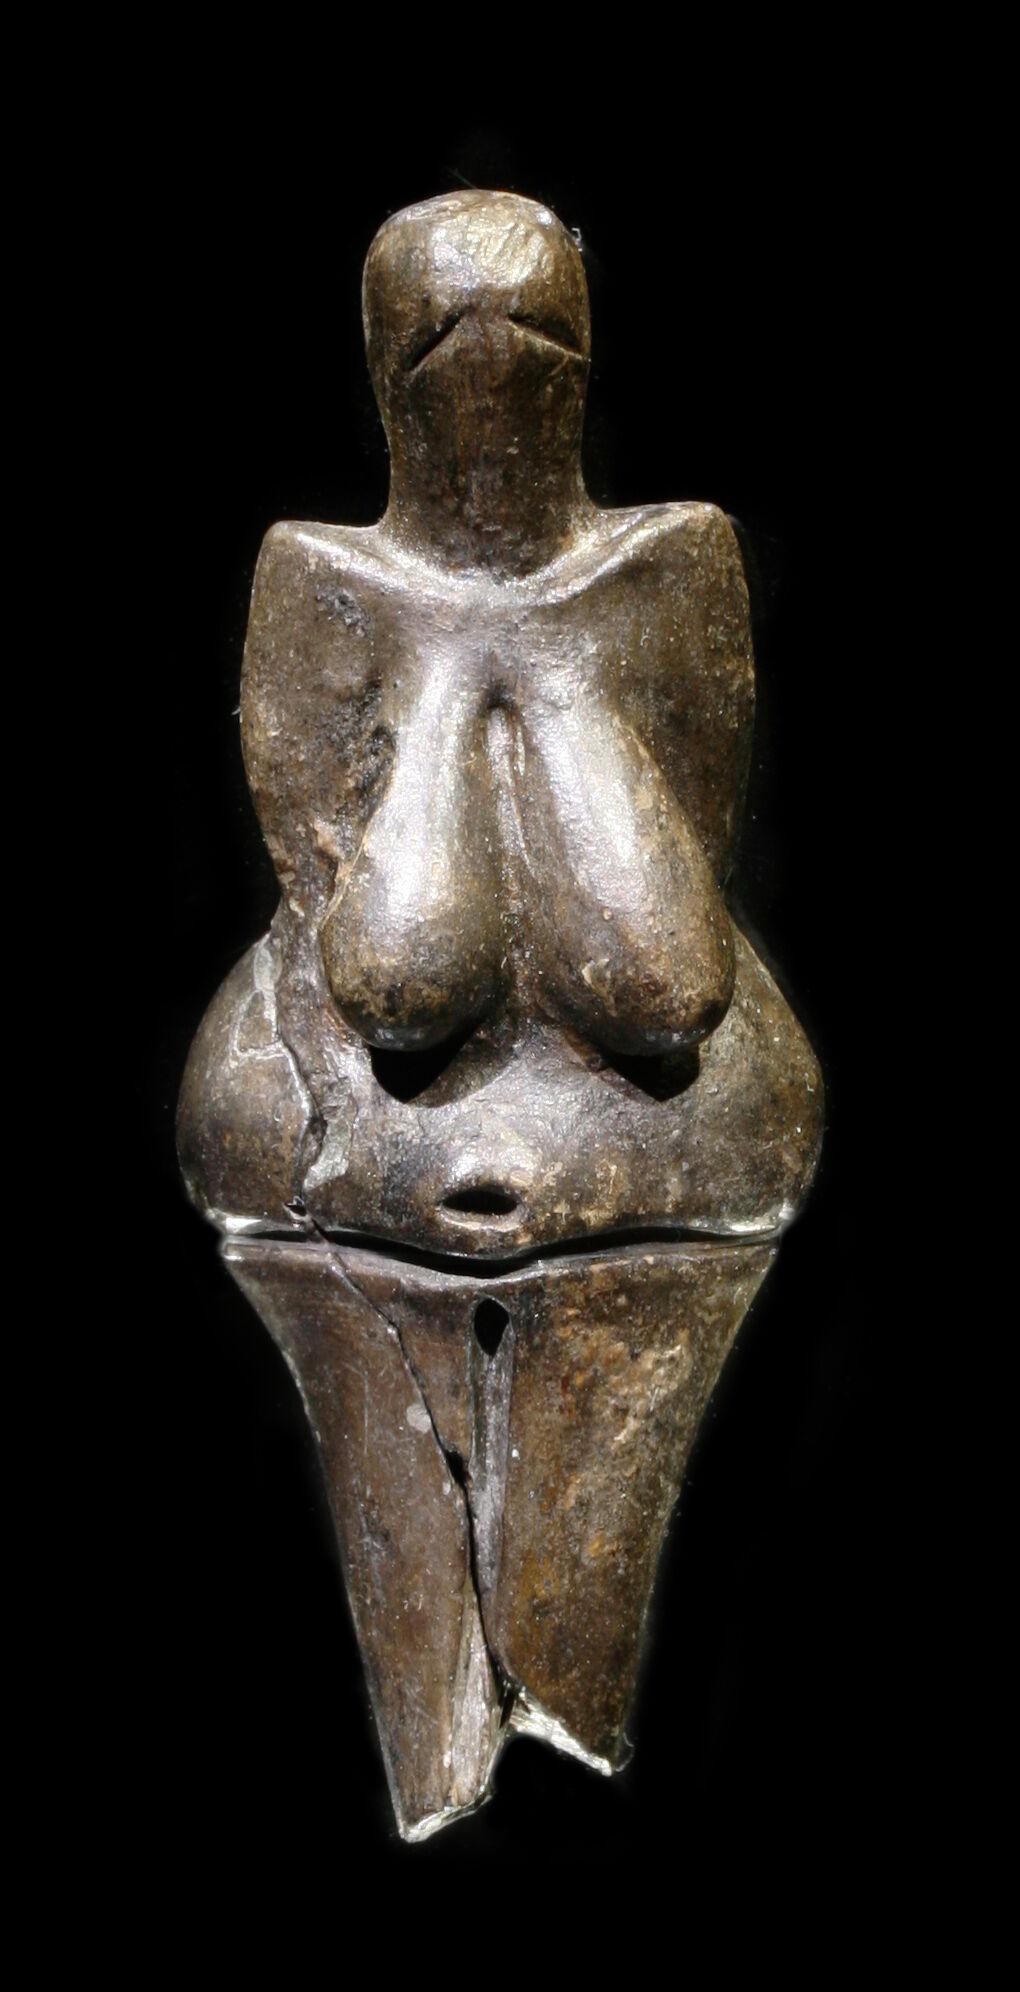 Venus of Dolní Věstonice. Photo via Wikimedia Commons.